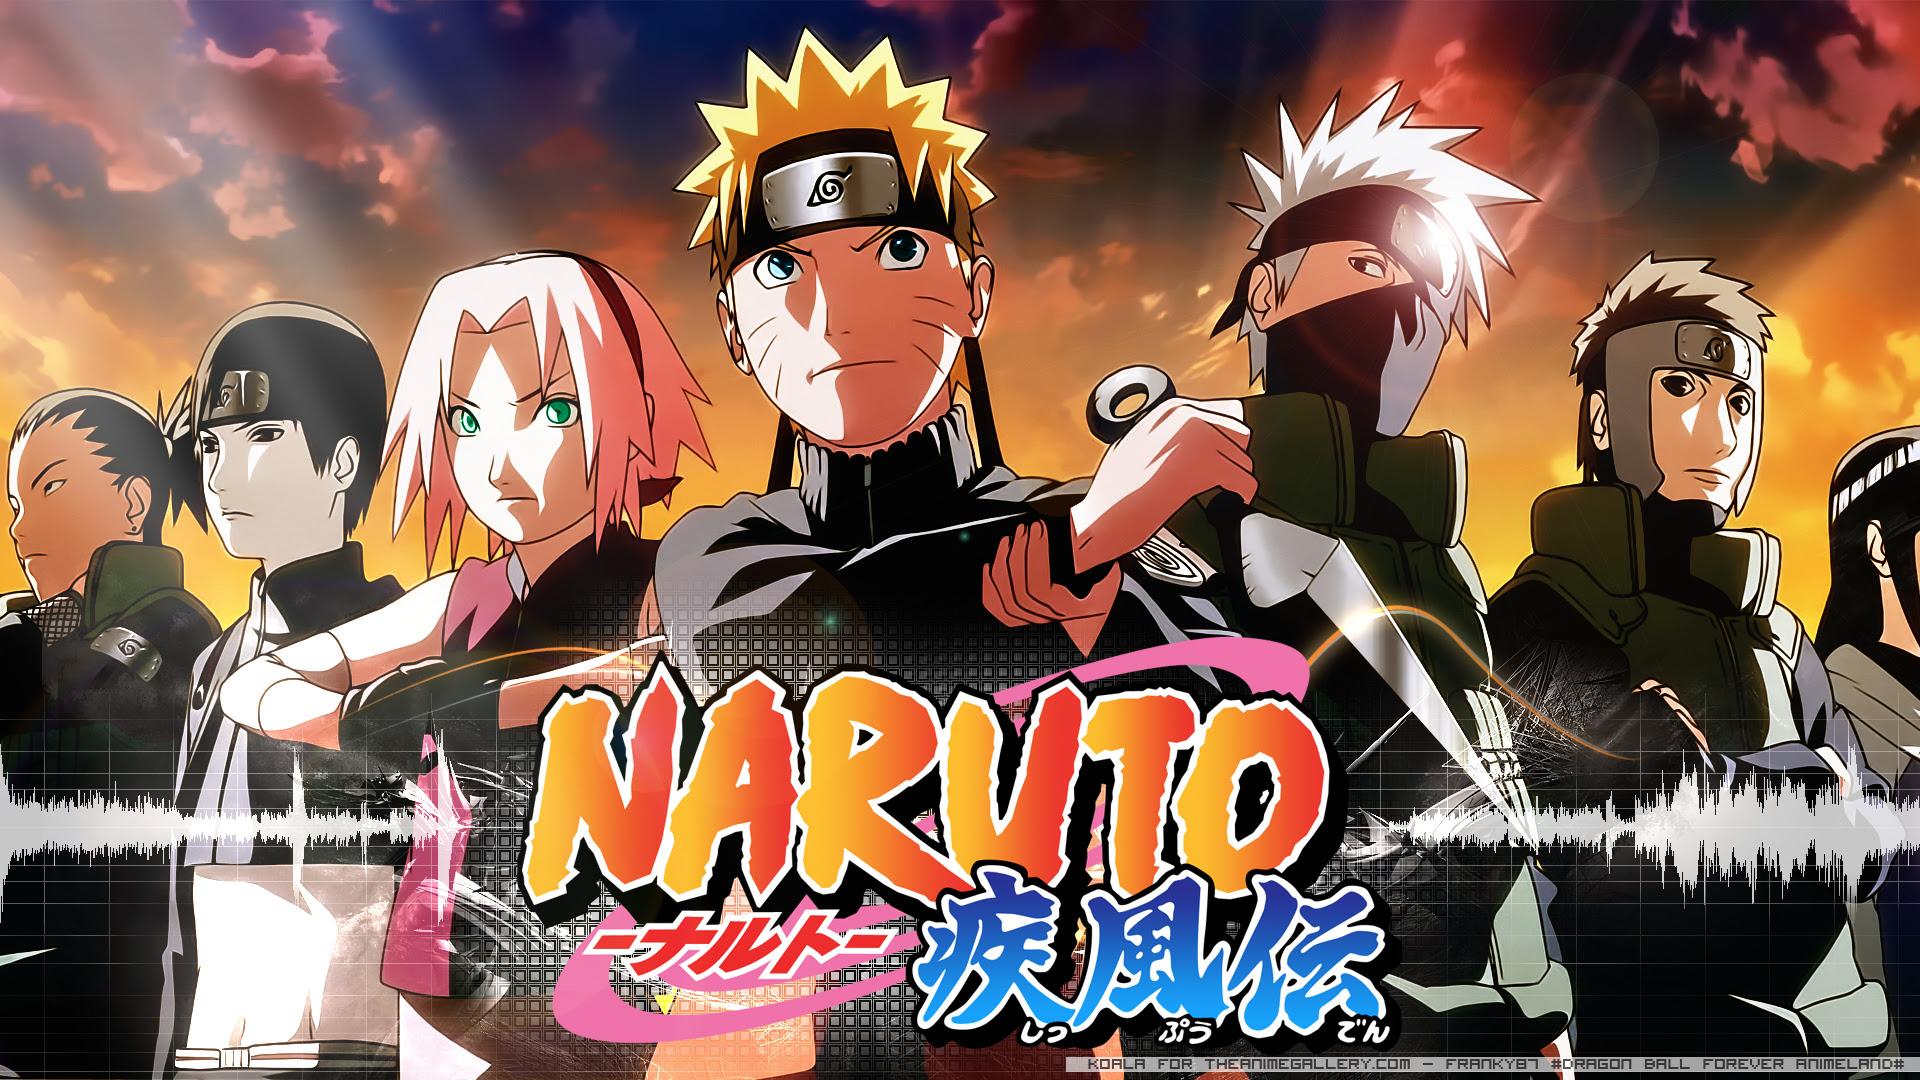 Naruto naruto anime